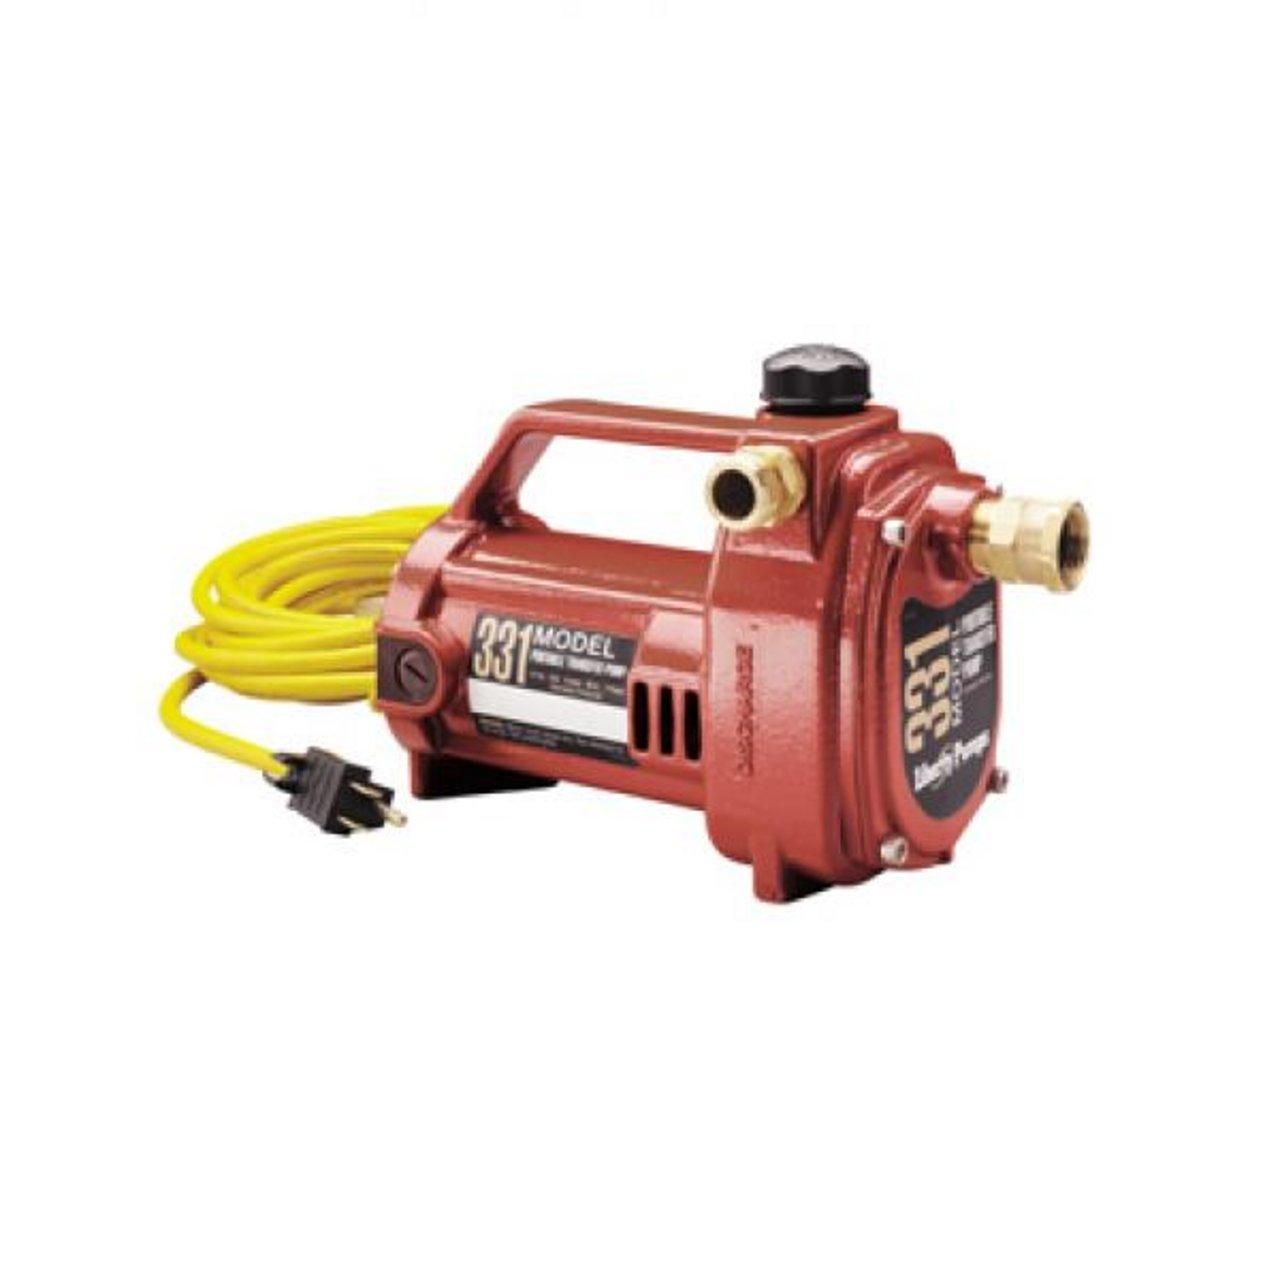 Liberty Pumps 331 1/2-Horse Power Portable Transfer Pump